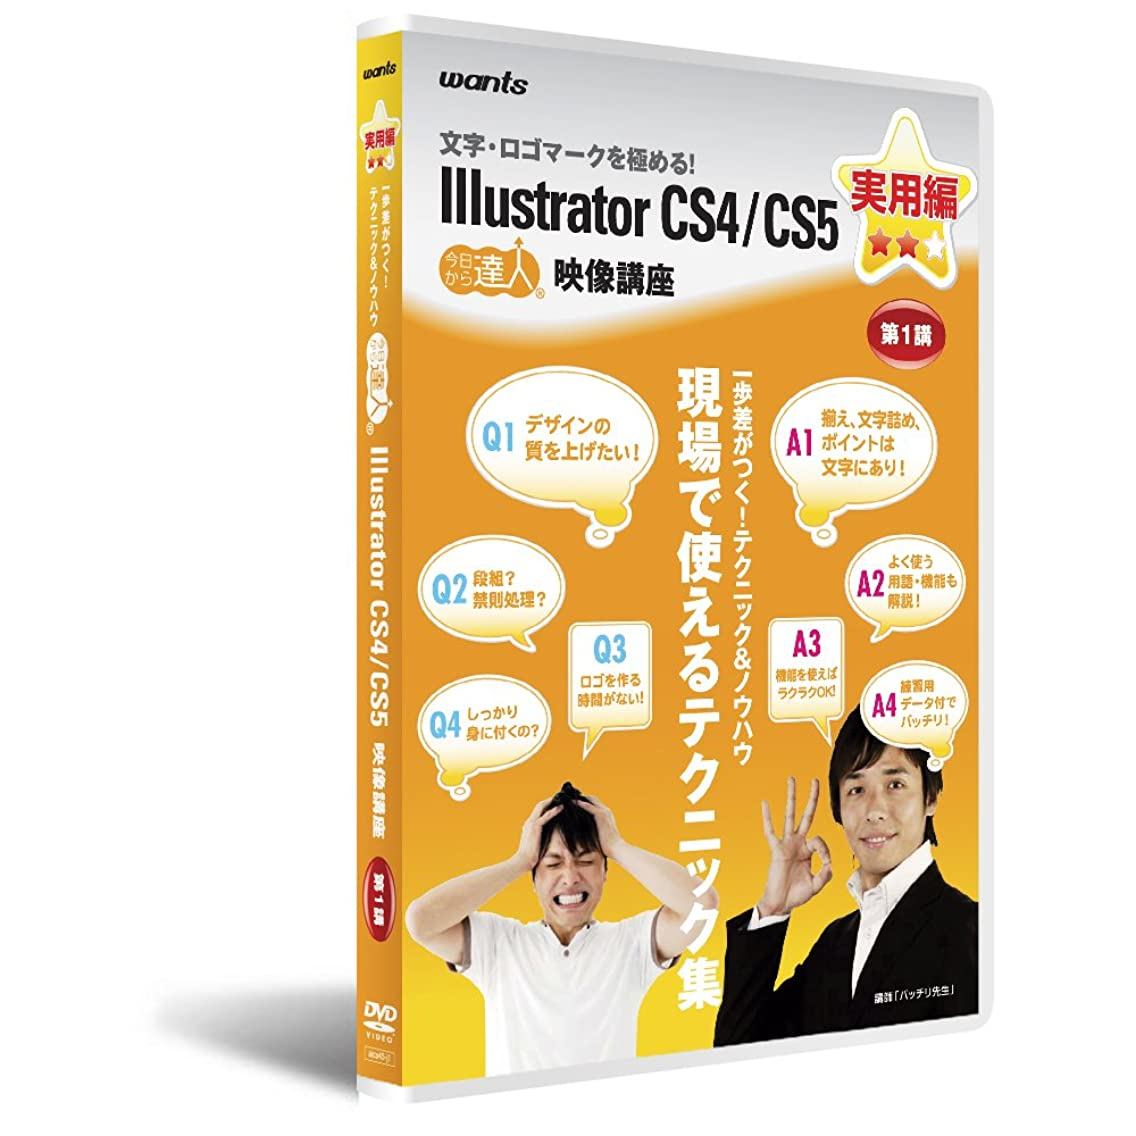 ブラインド挑発するするだろうイラストレーターCS4/CS5 :DVD講座 実用編 第1講